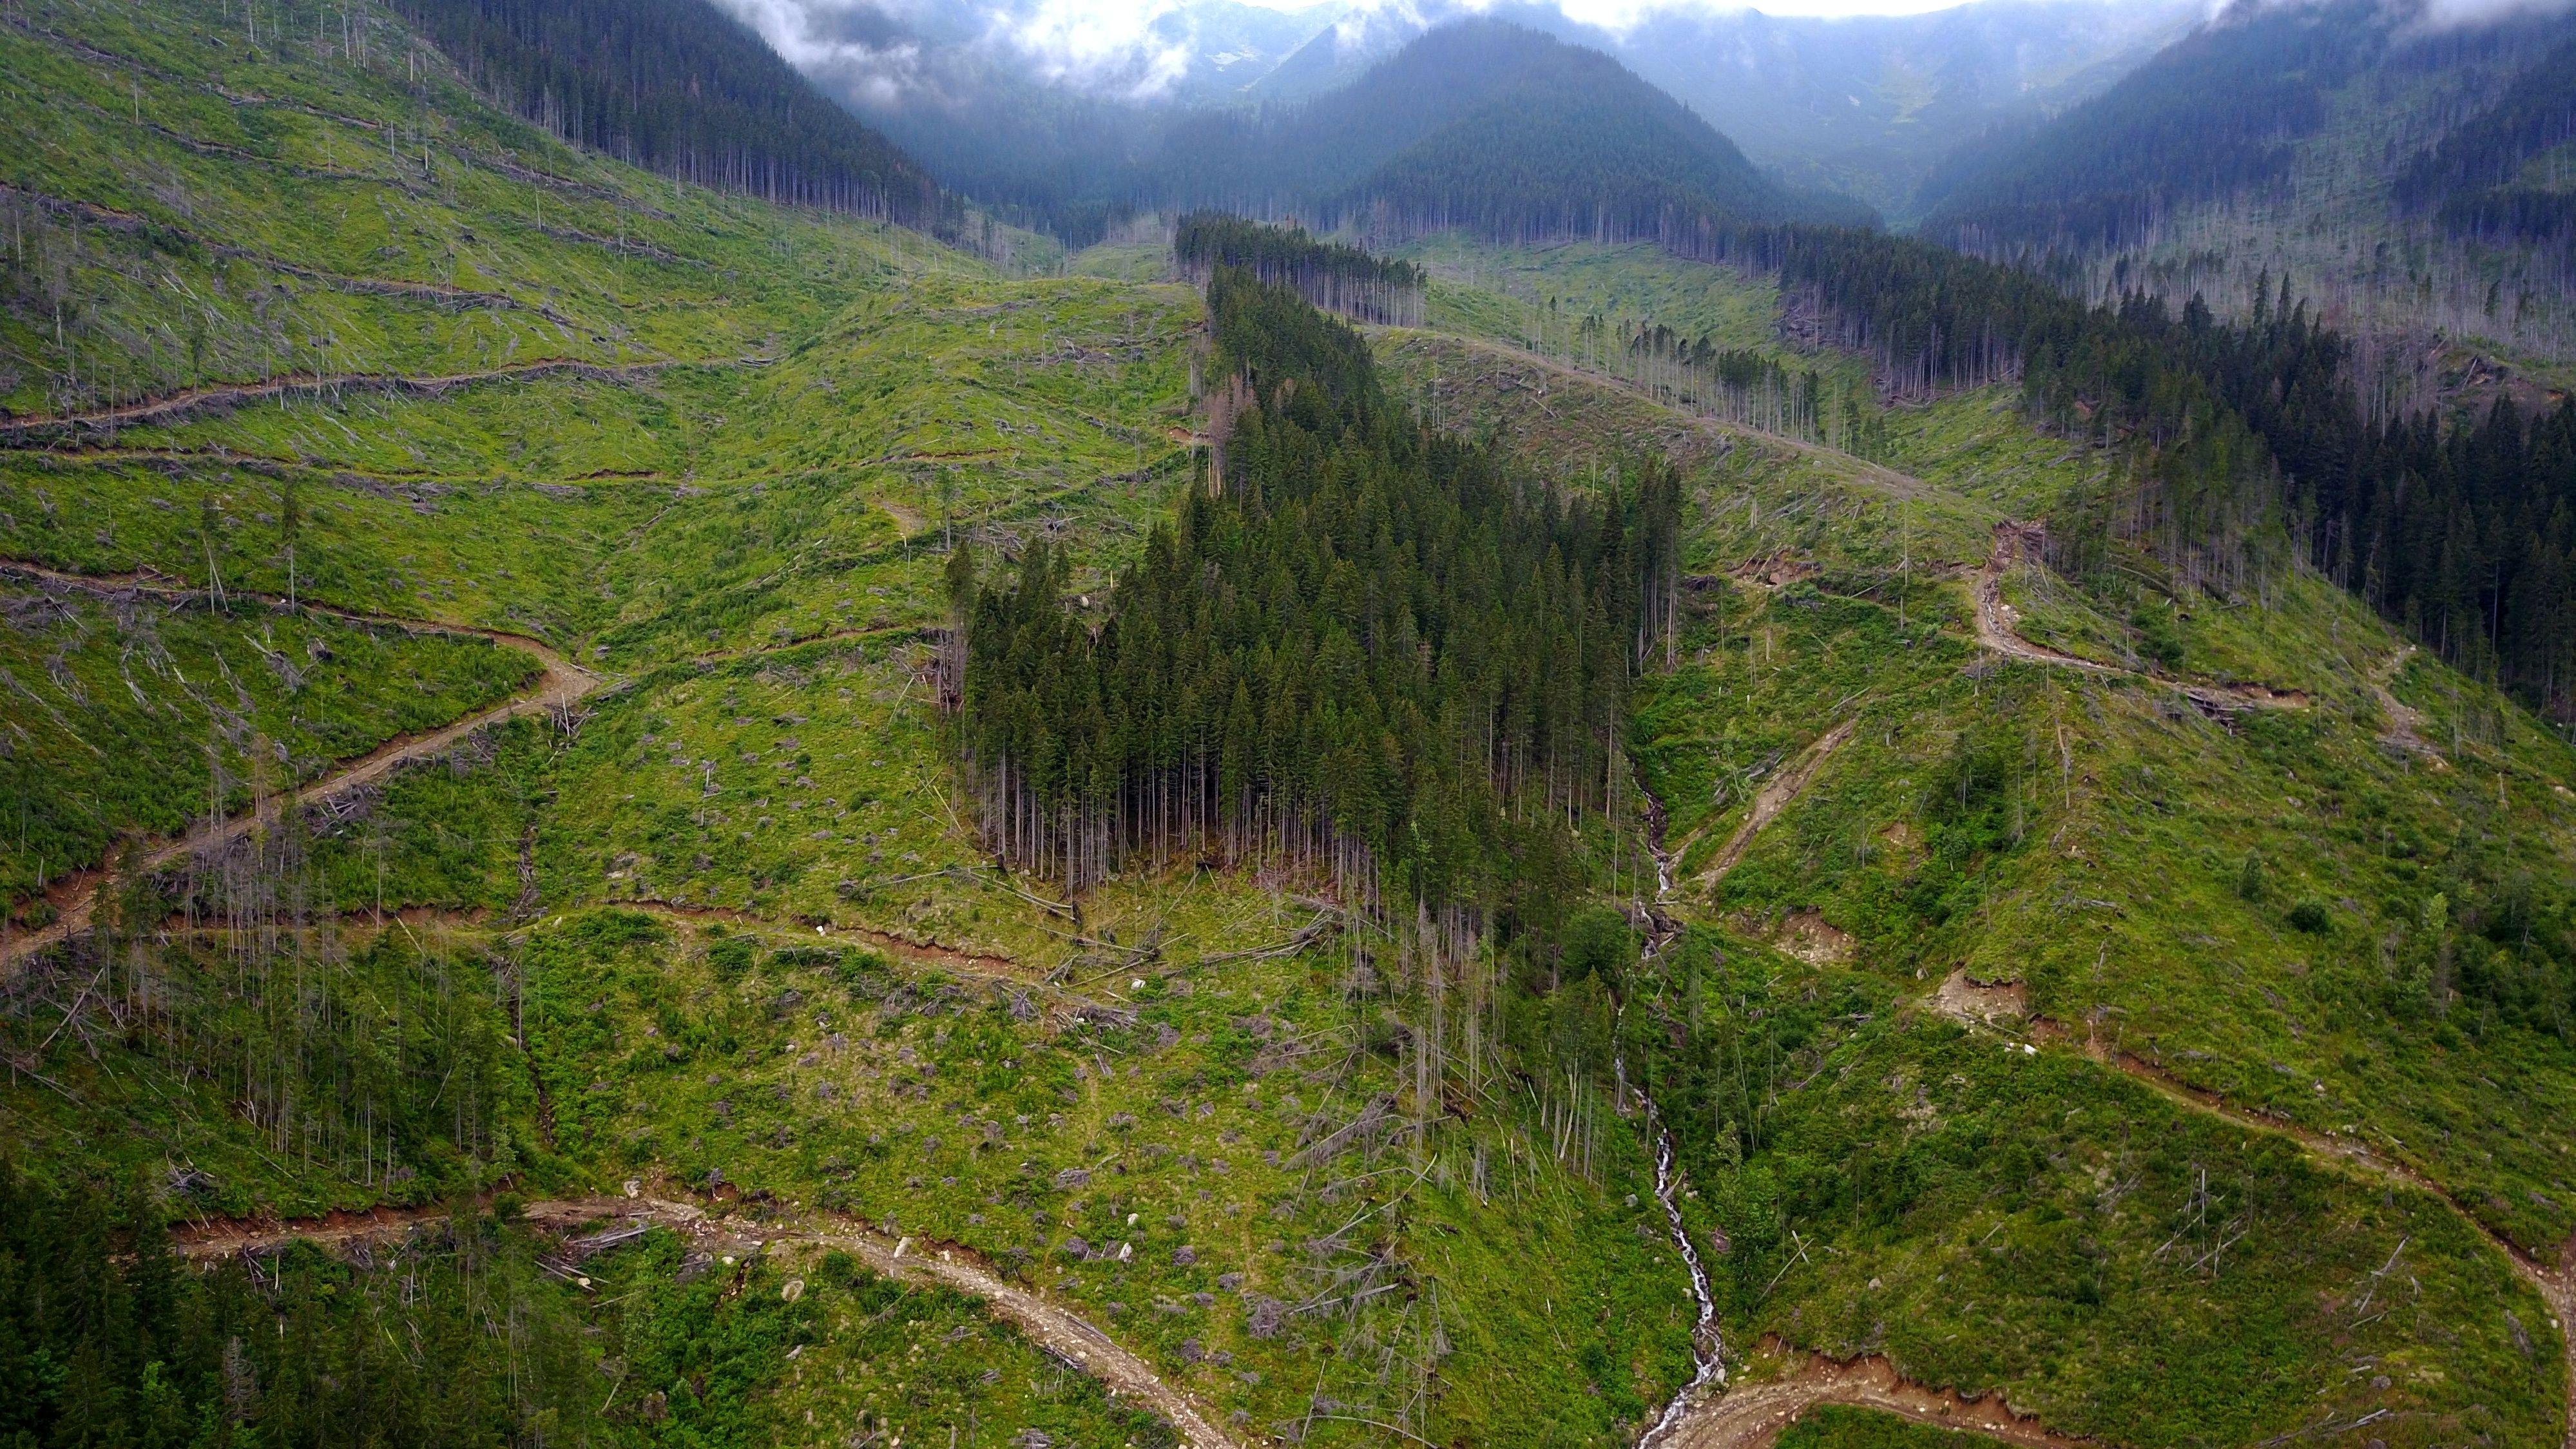 An einem Berghang ist nur noch ein kümmerlicher Rest Urwald-Bäume übrig. Rund herum ist bereits alles abgeholzt.